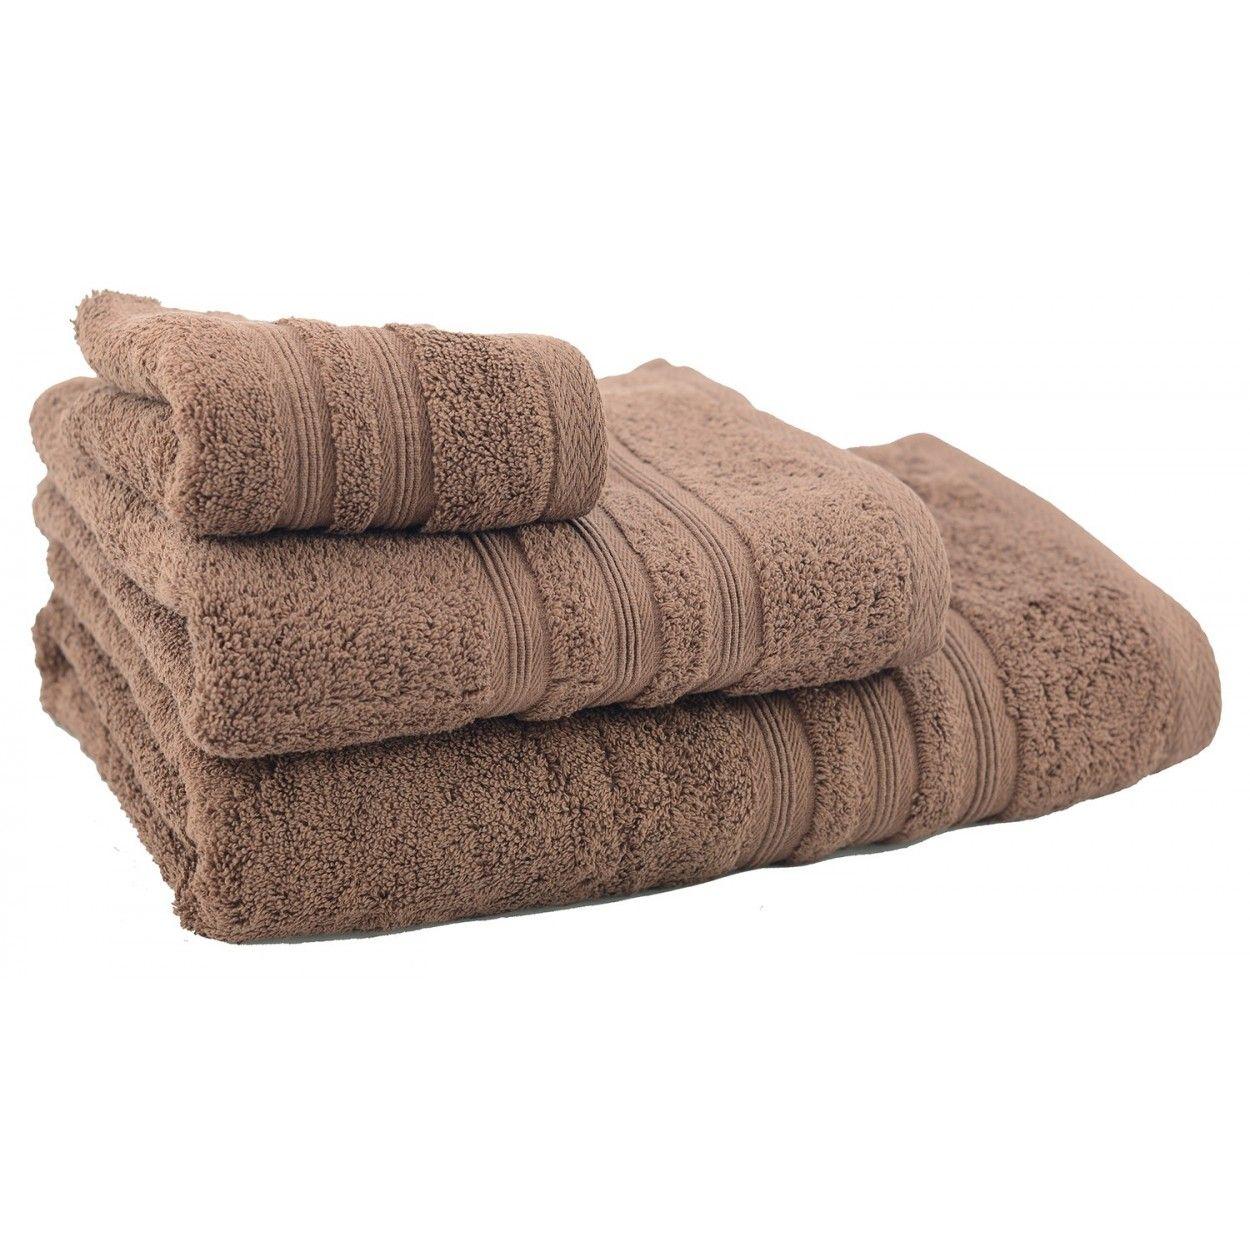 Toalla de ducha de algod n marr n chocolate 70x140 hogar y m s - Toallas de algodon ...